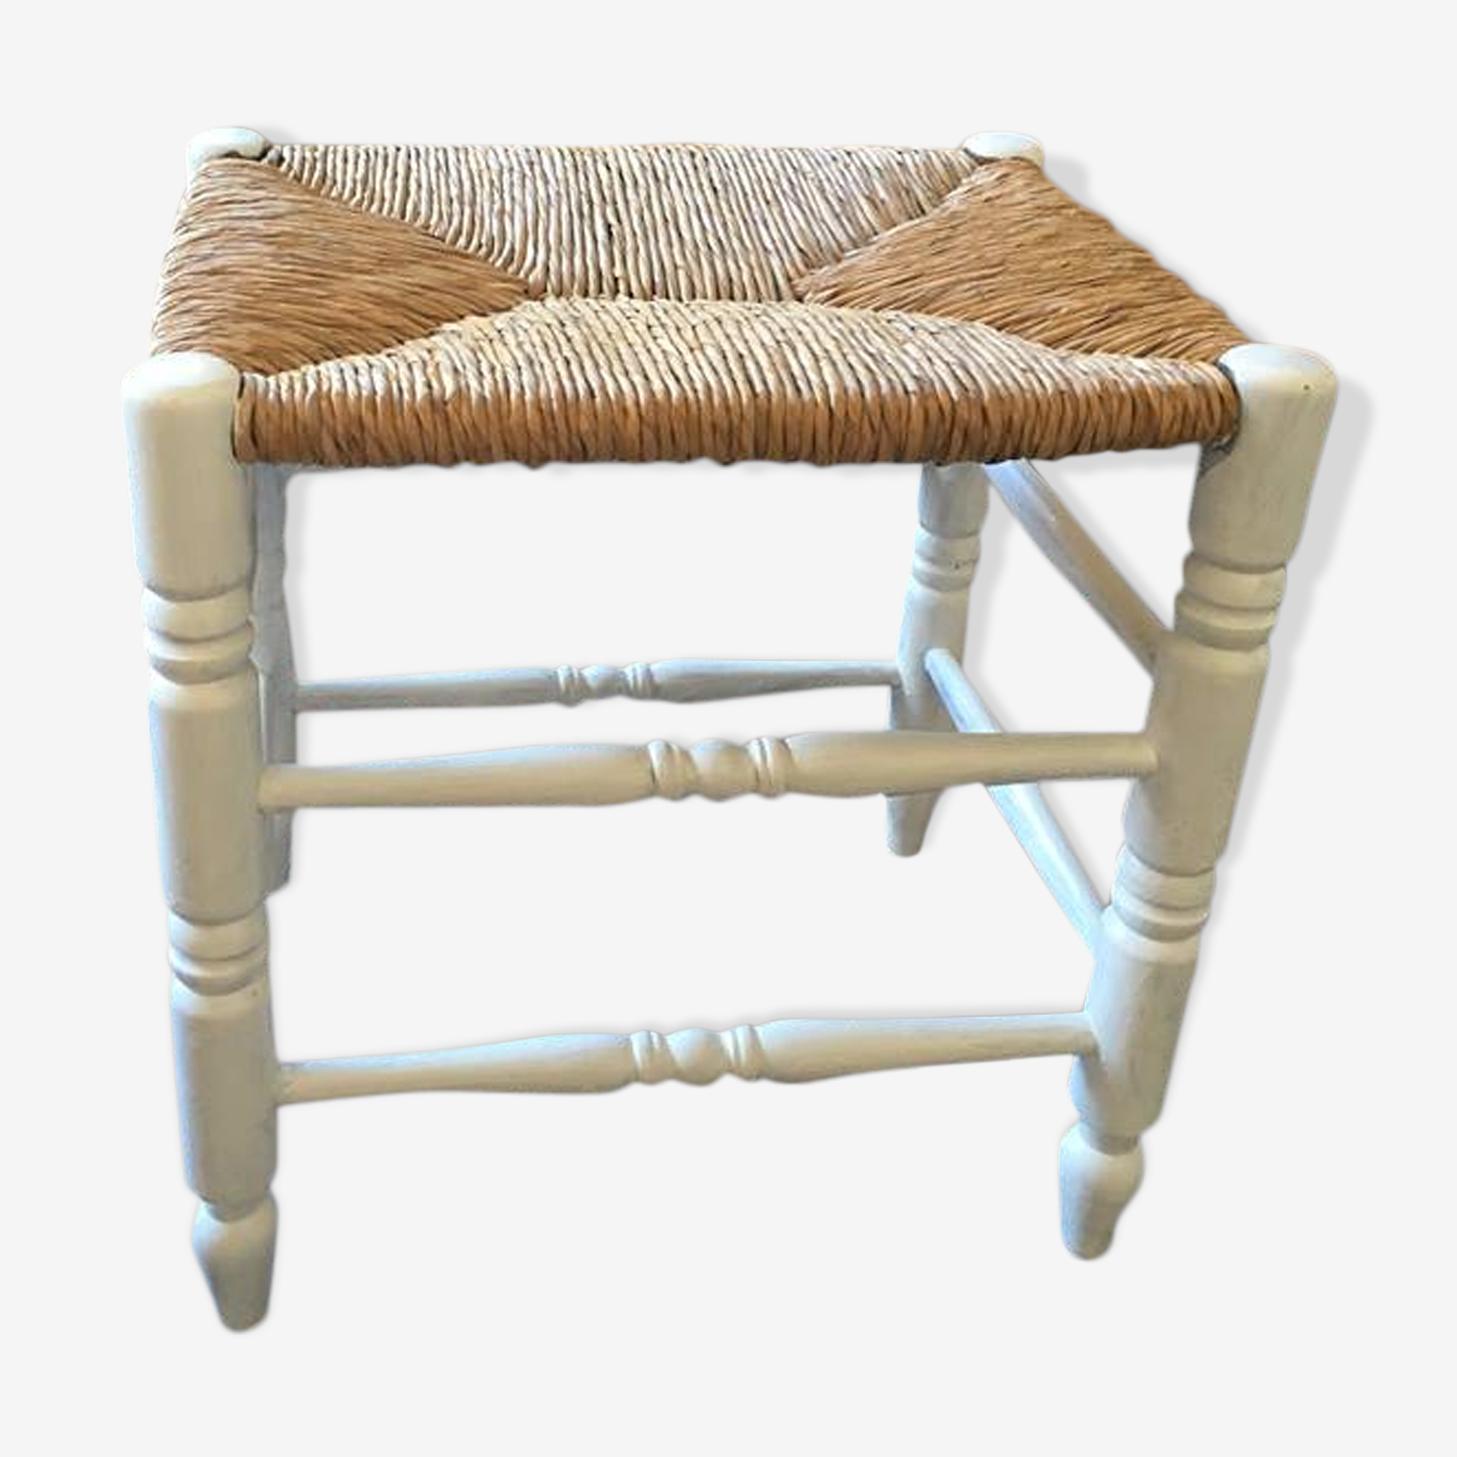 Bohemian stool